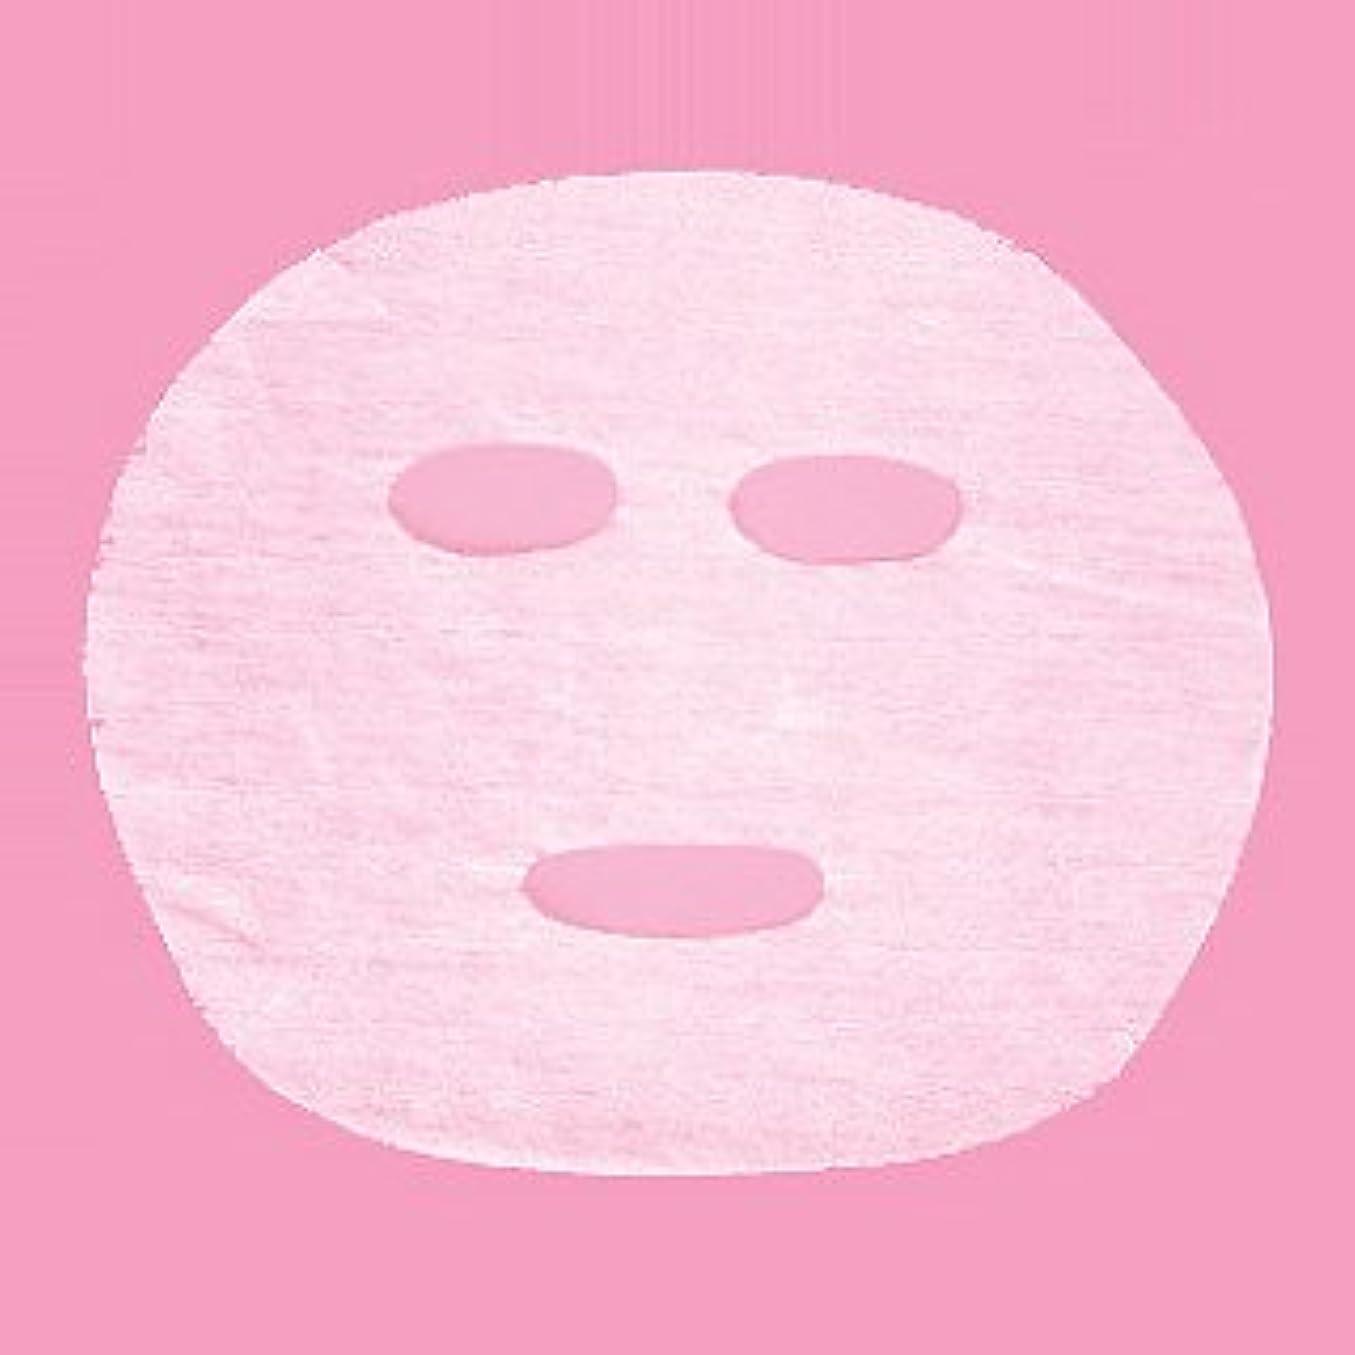 裸エントリ標準フェイシャルシート (やや厚手タイプ) 20枚入 23.5×19cm [ フェイスマスク フェイスシート フェイスパック フェイシャルマスク フェイシャルパック ローションマスク ローションパック フェイス パック マスク ]